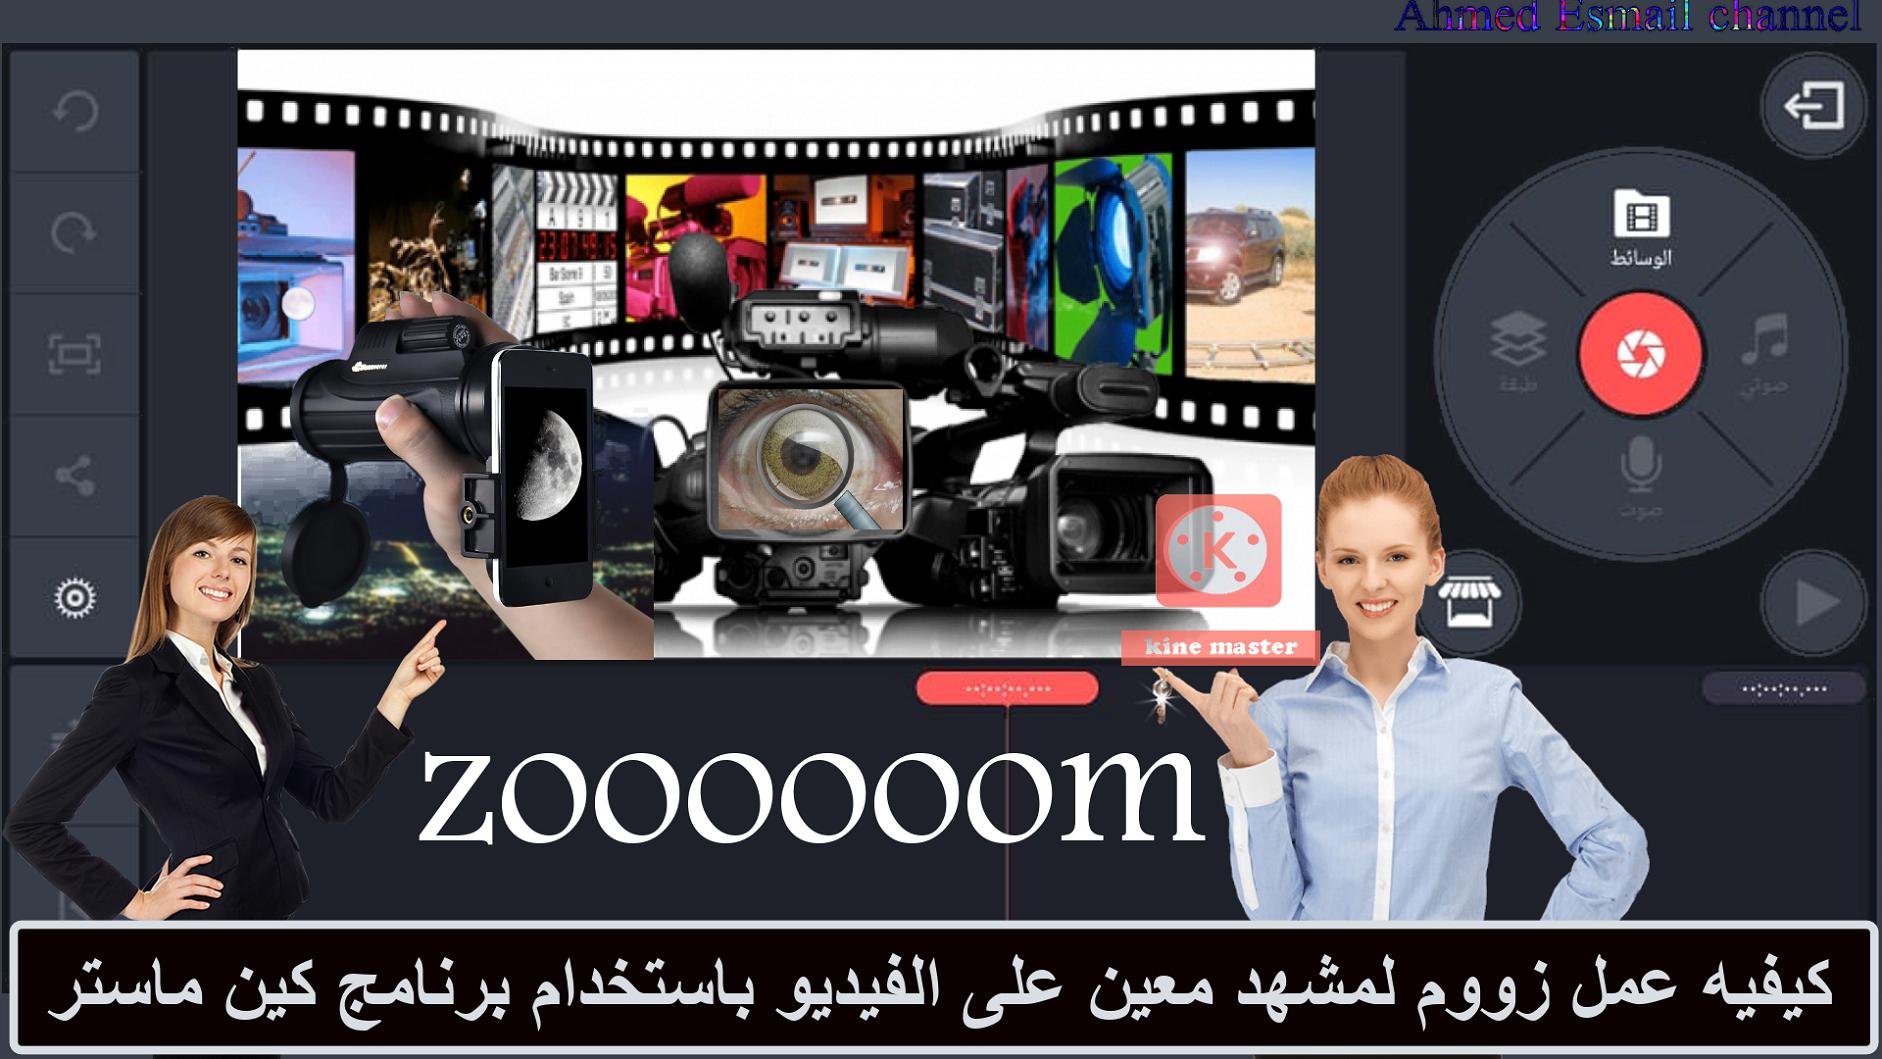 كيفية عمل زوم للفيديو او جزء من الفيديو باستخدام برنامج كين ماستر Kinemaster Aster